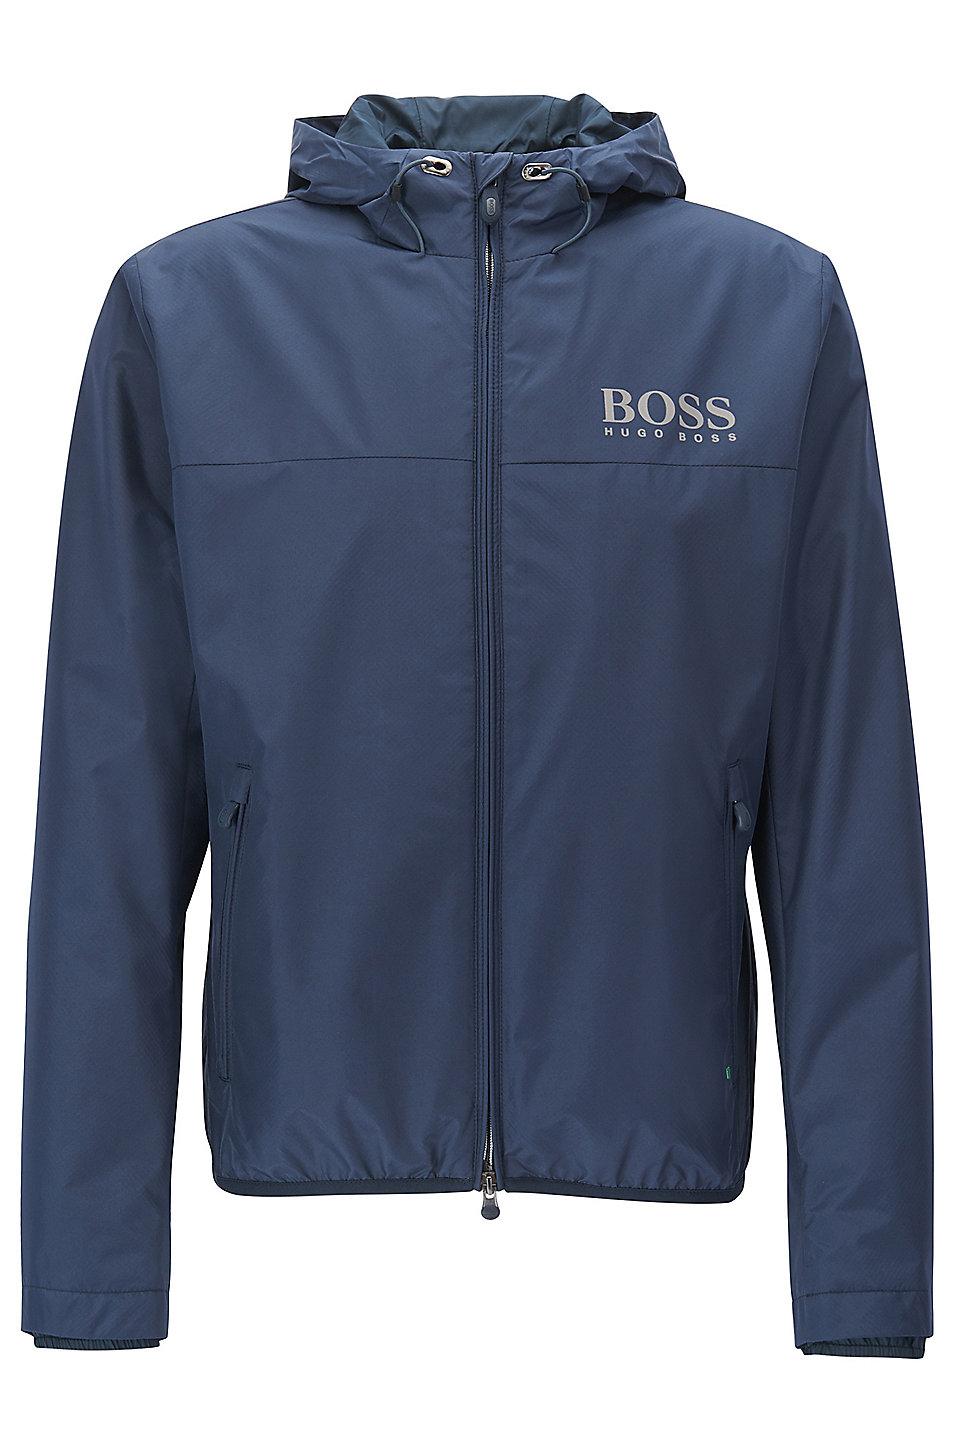 boss logo print jacket jaltech. Black Bedroom Furniture Sets. Home Design Ideas